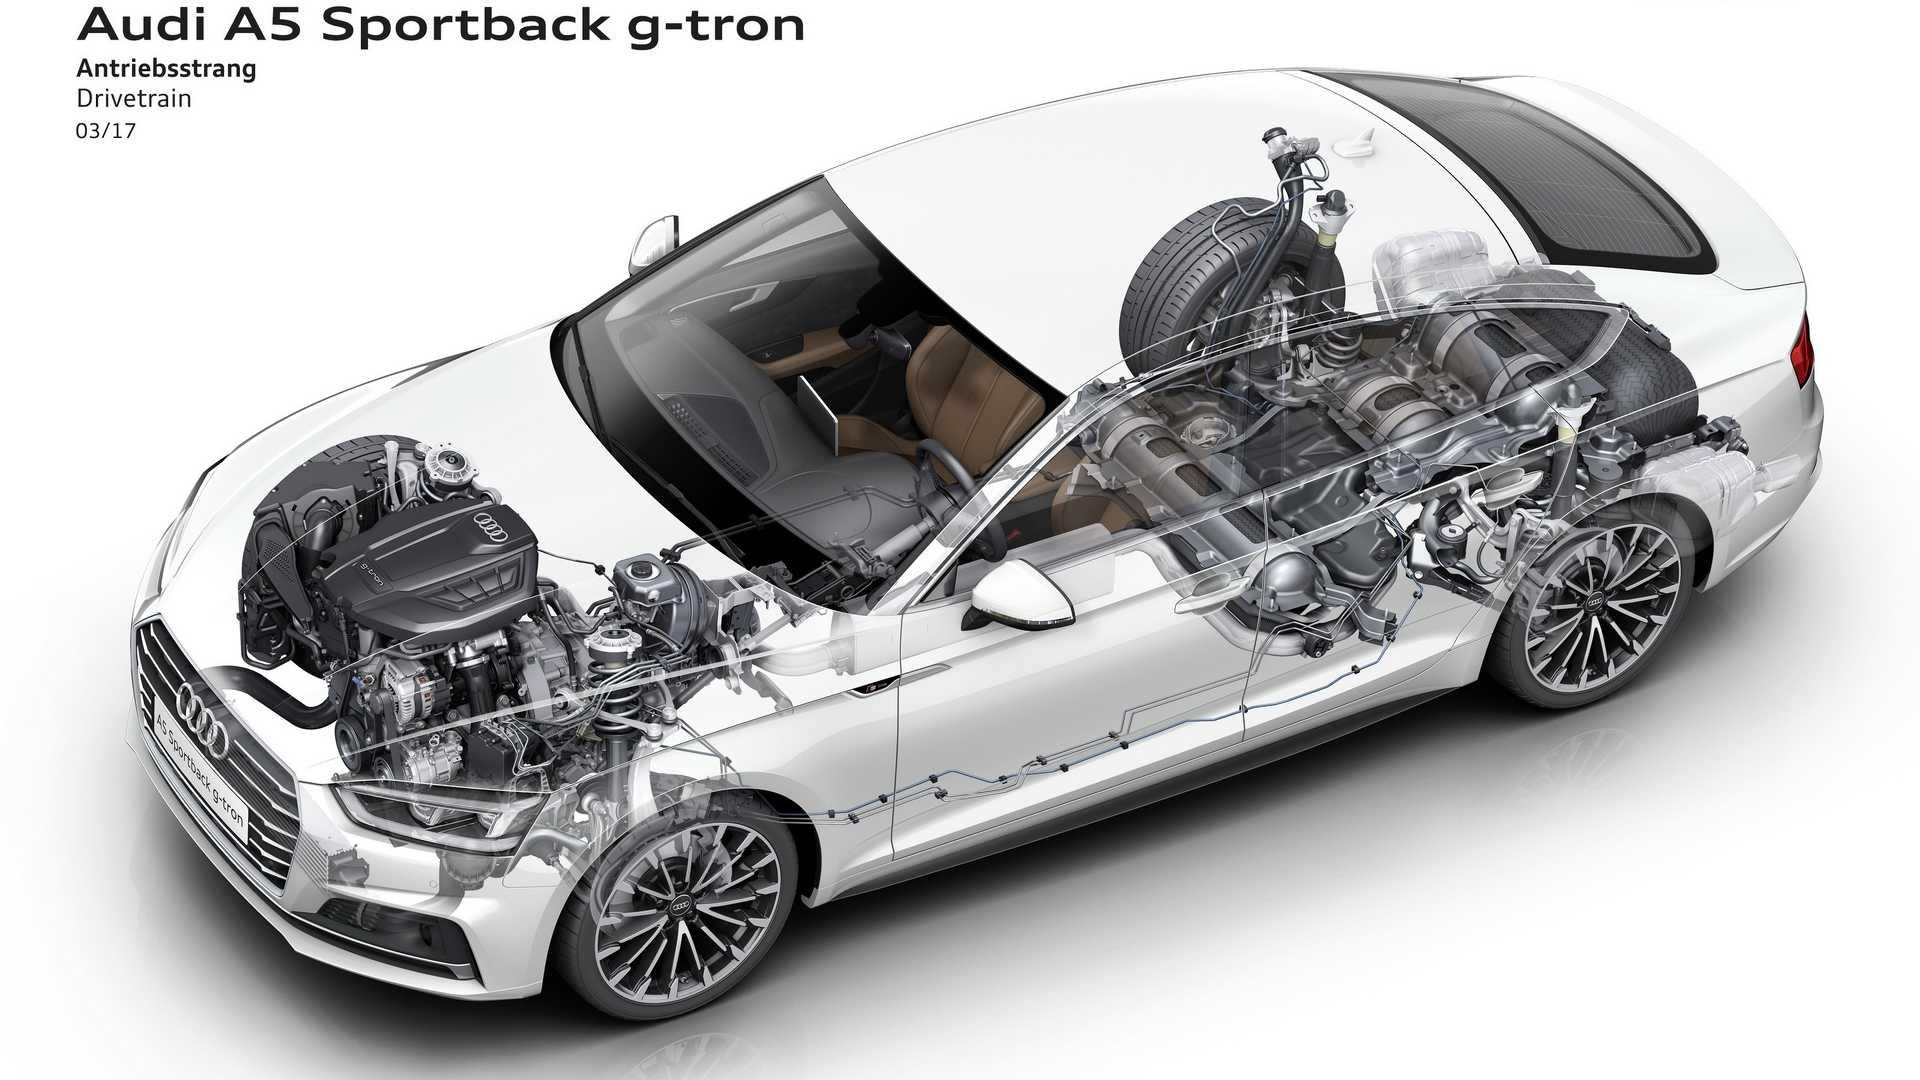 Photo of Αudi Α4 Αvant & Α5 Sportback g-tron με φυσικό αέριο